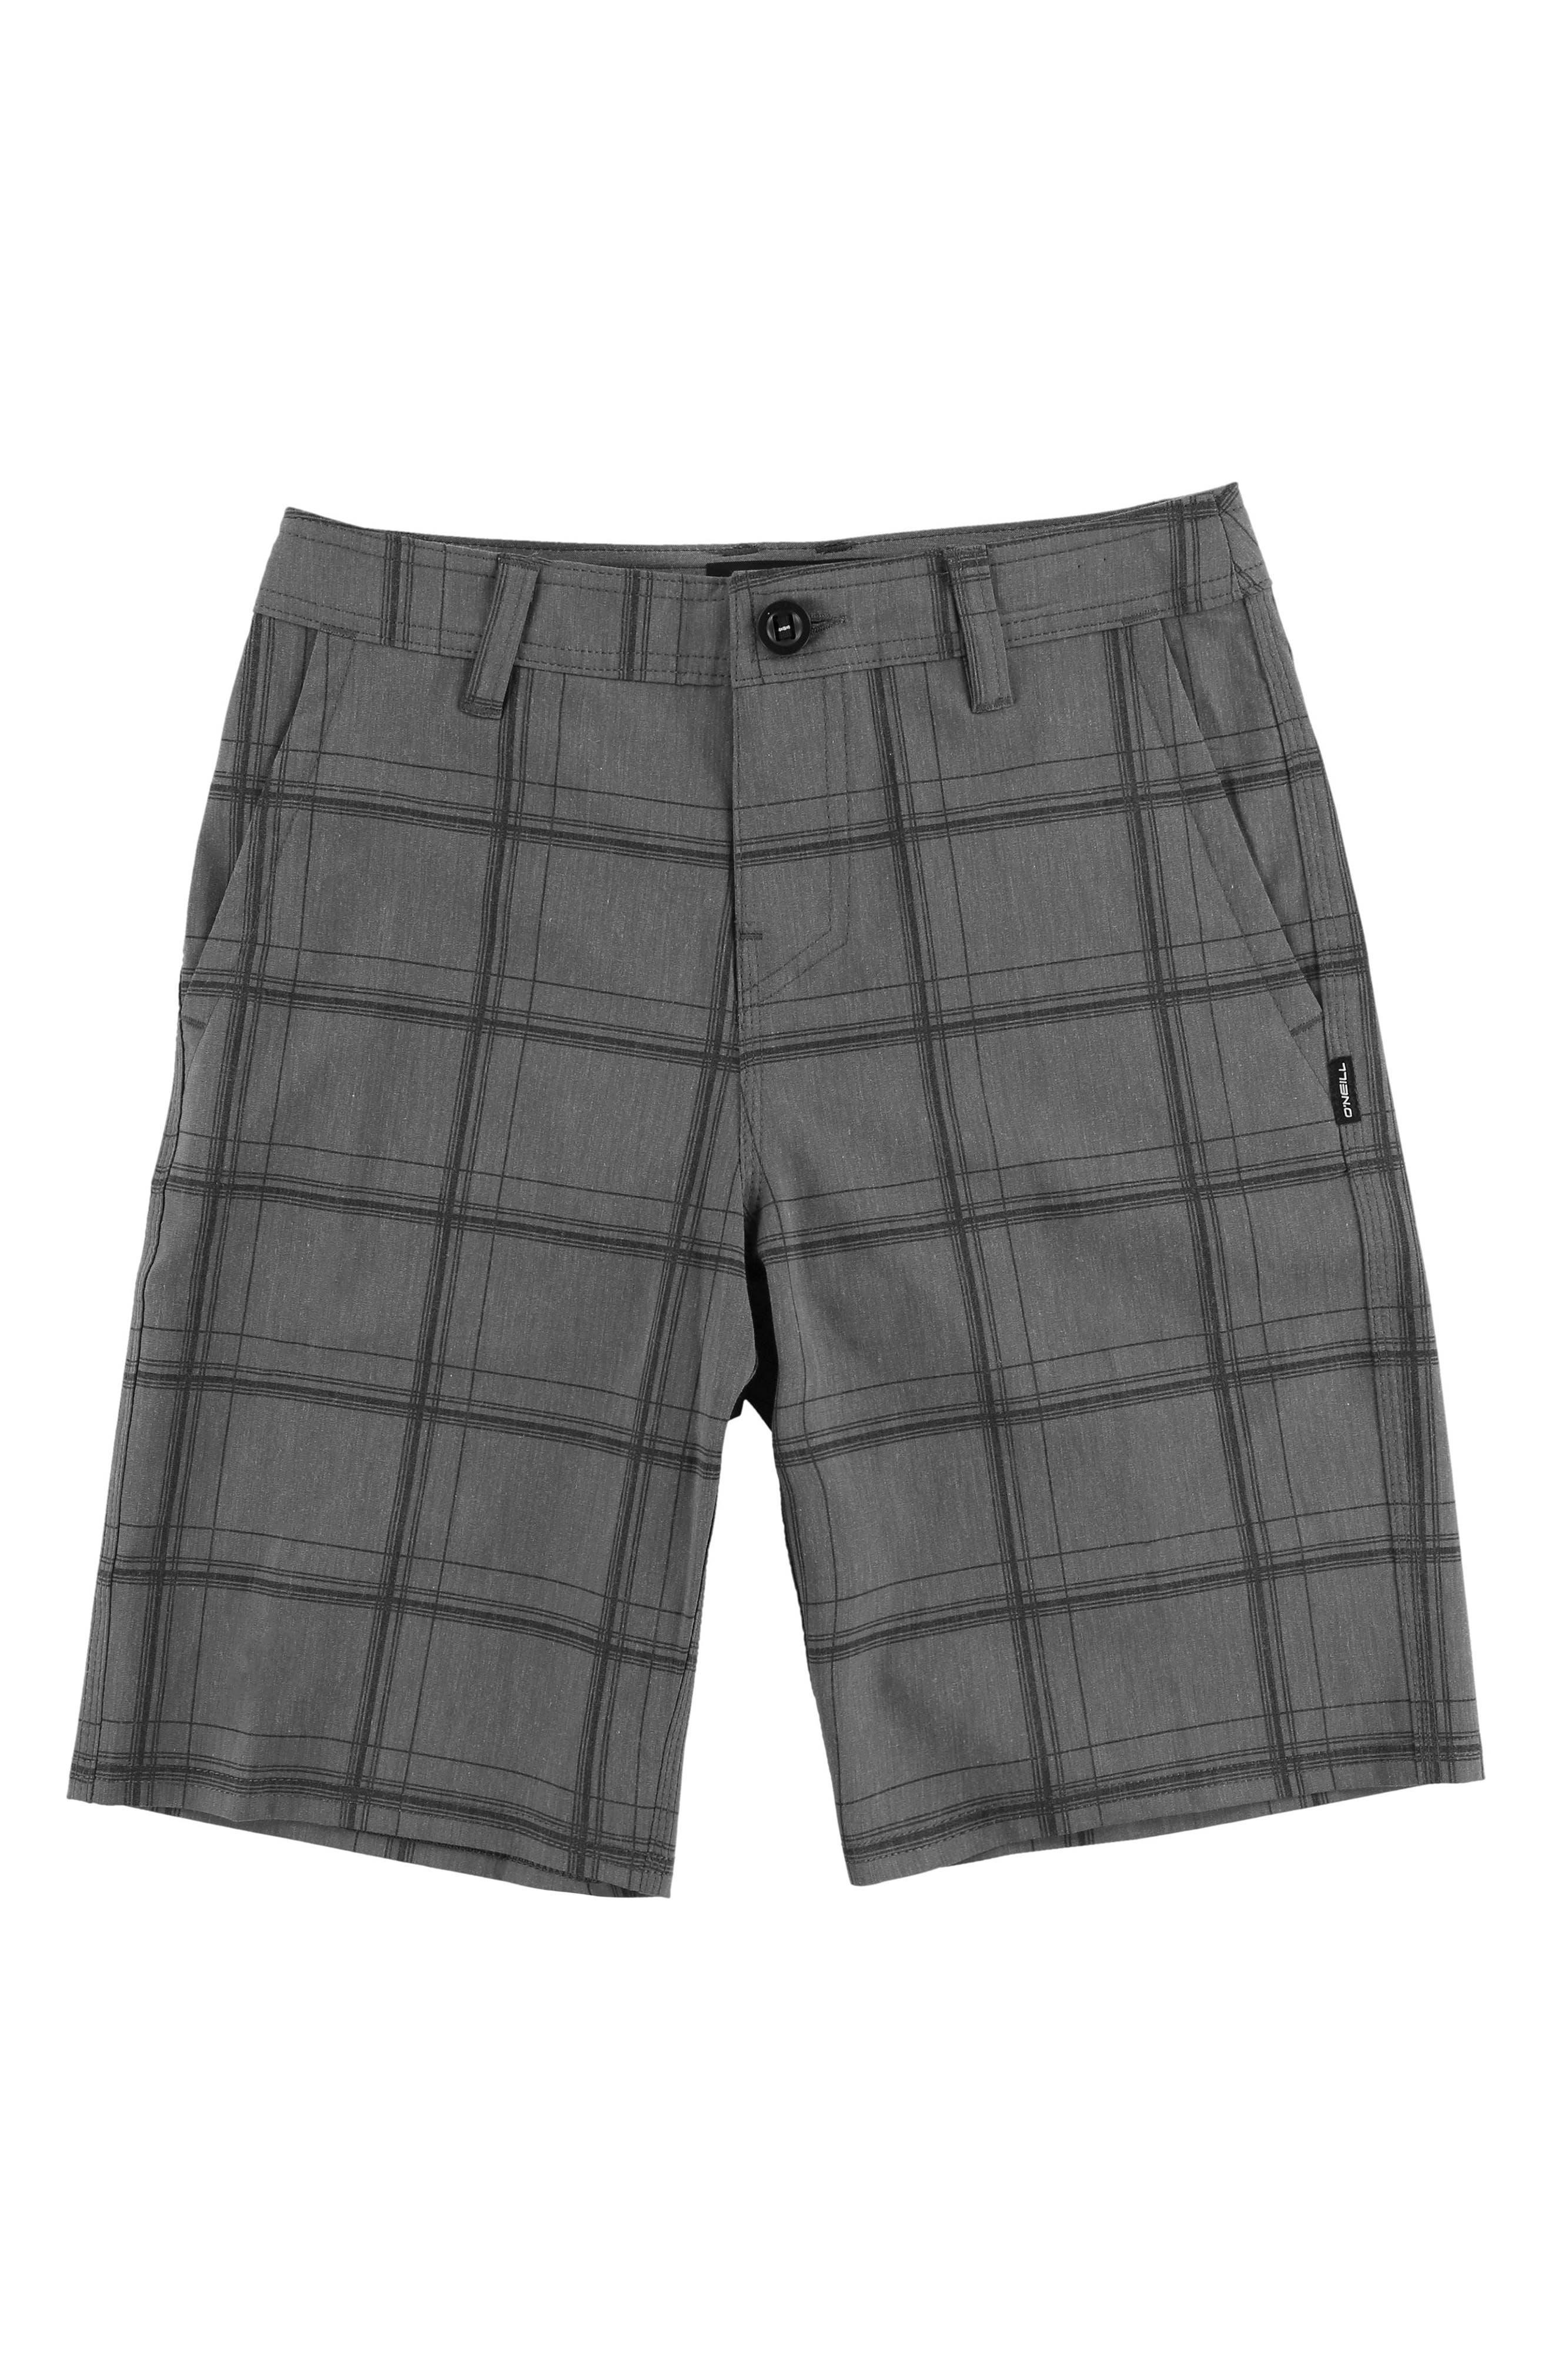 Mixed Hybrid Shorts,                         Main,                         color, 001